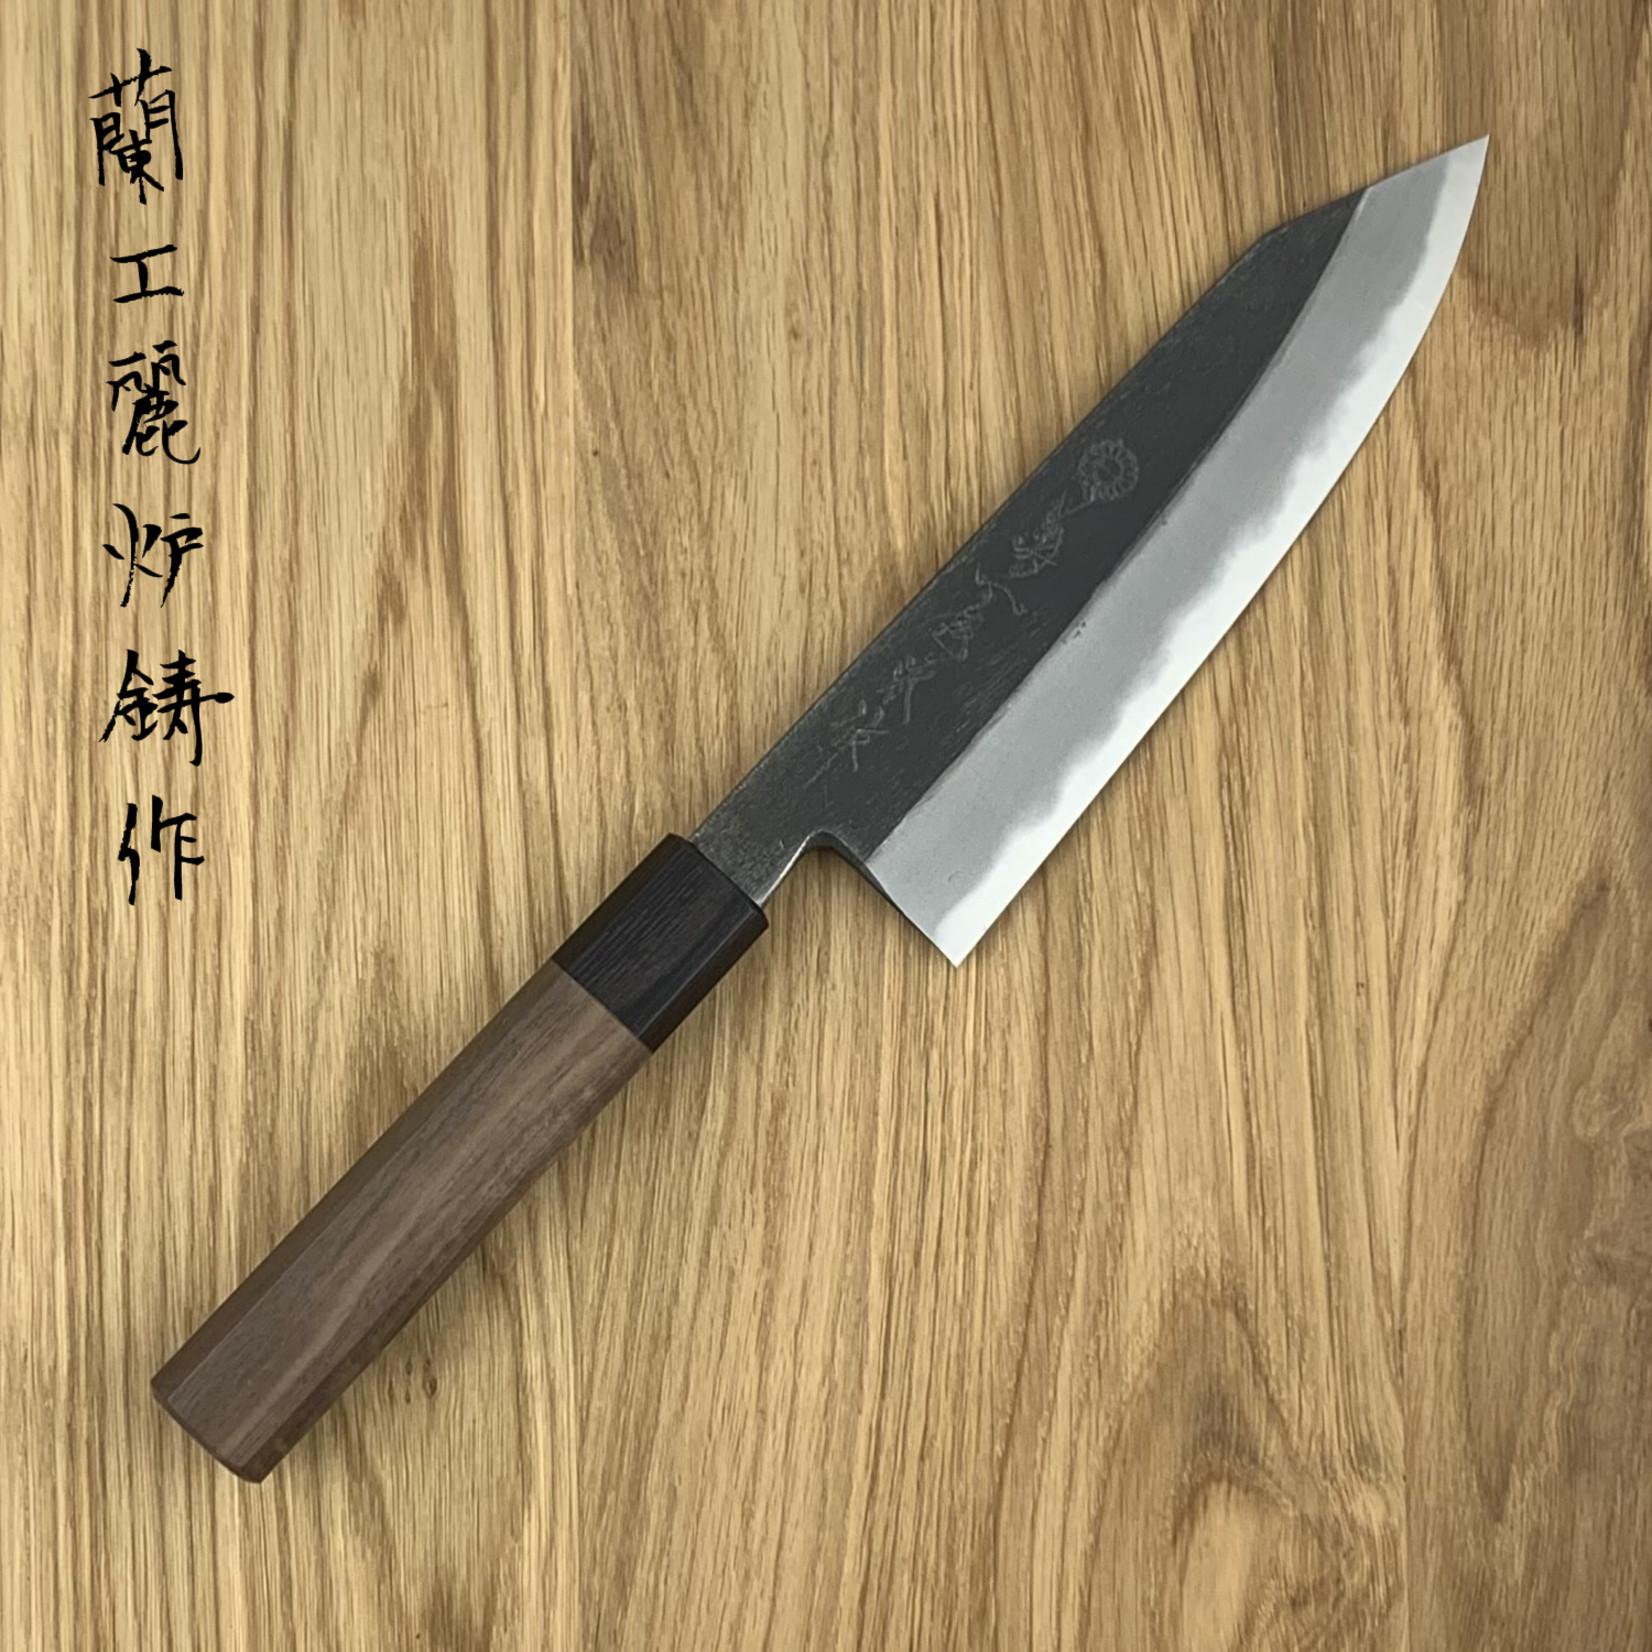 KIKUICHI Kurouchi Santoku Kiritsuke 180 mm